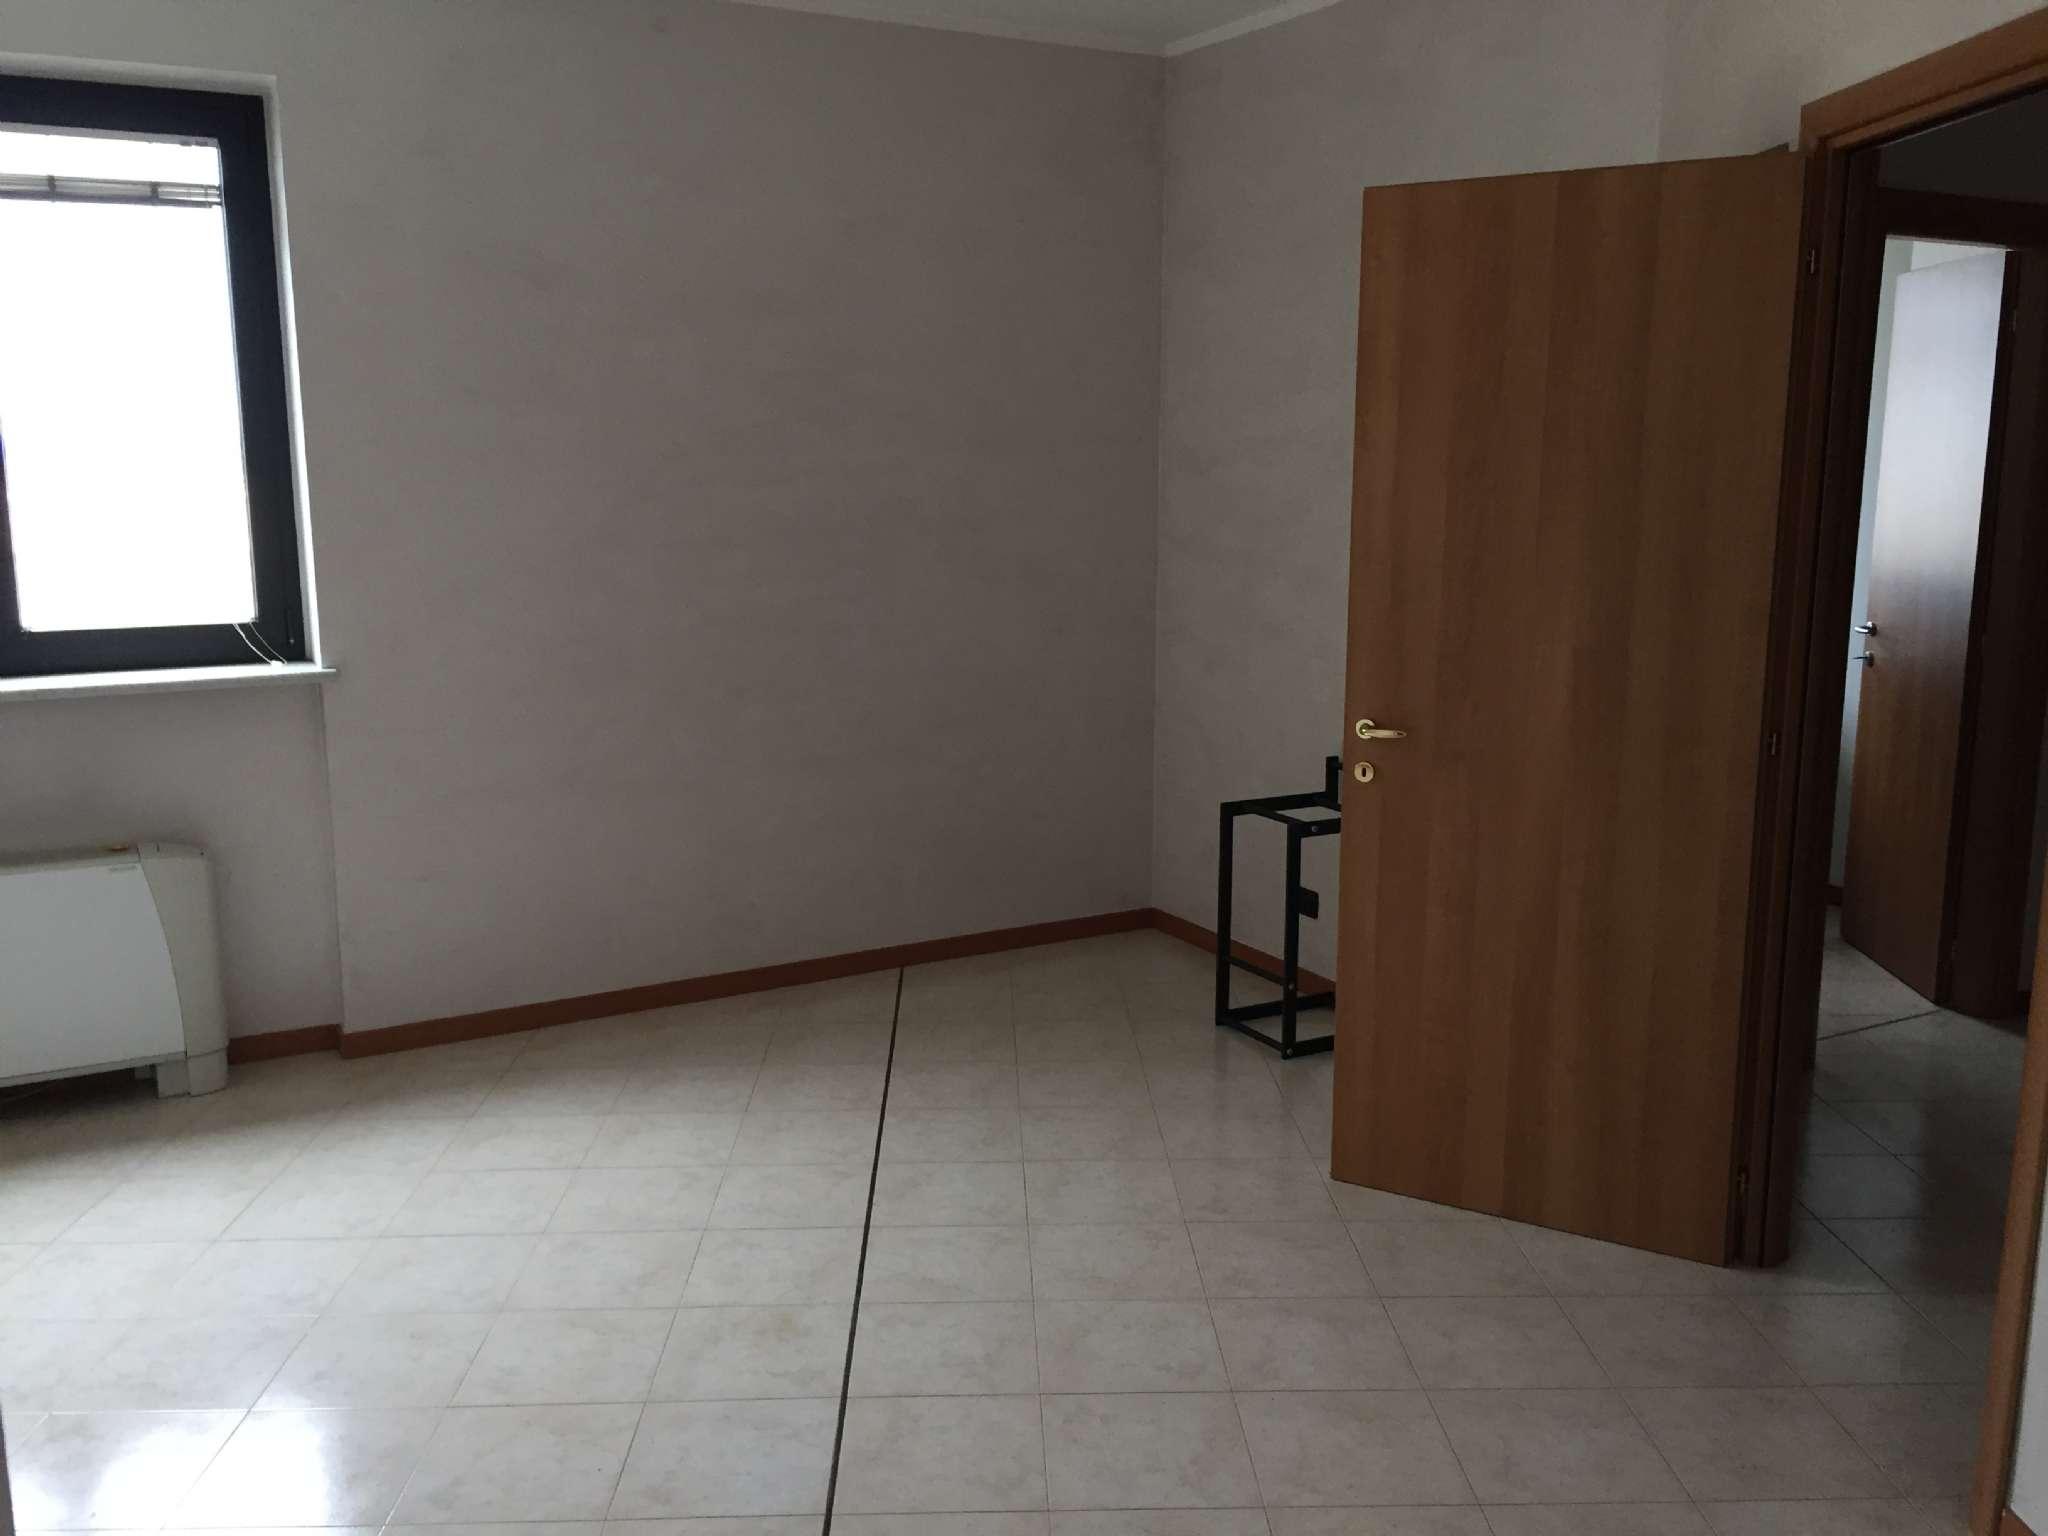 Ufficio / Studio in Affitto a Nichelino